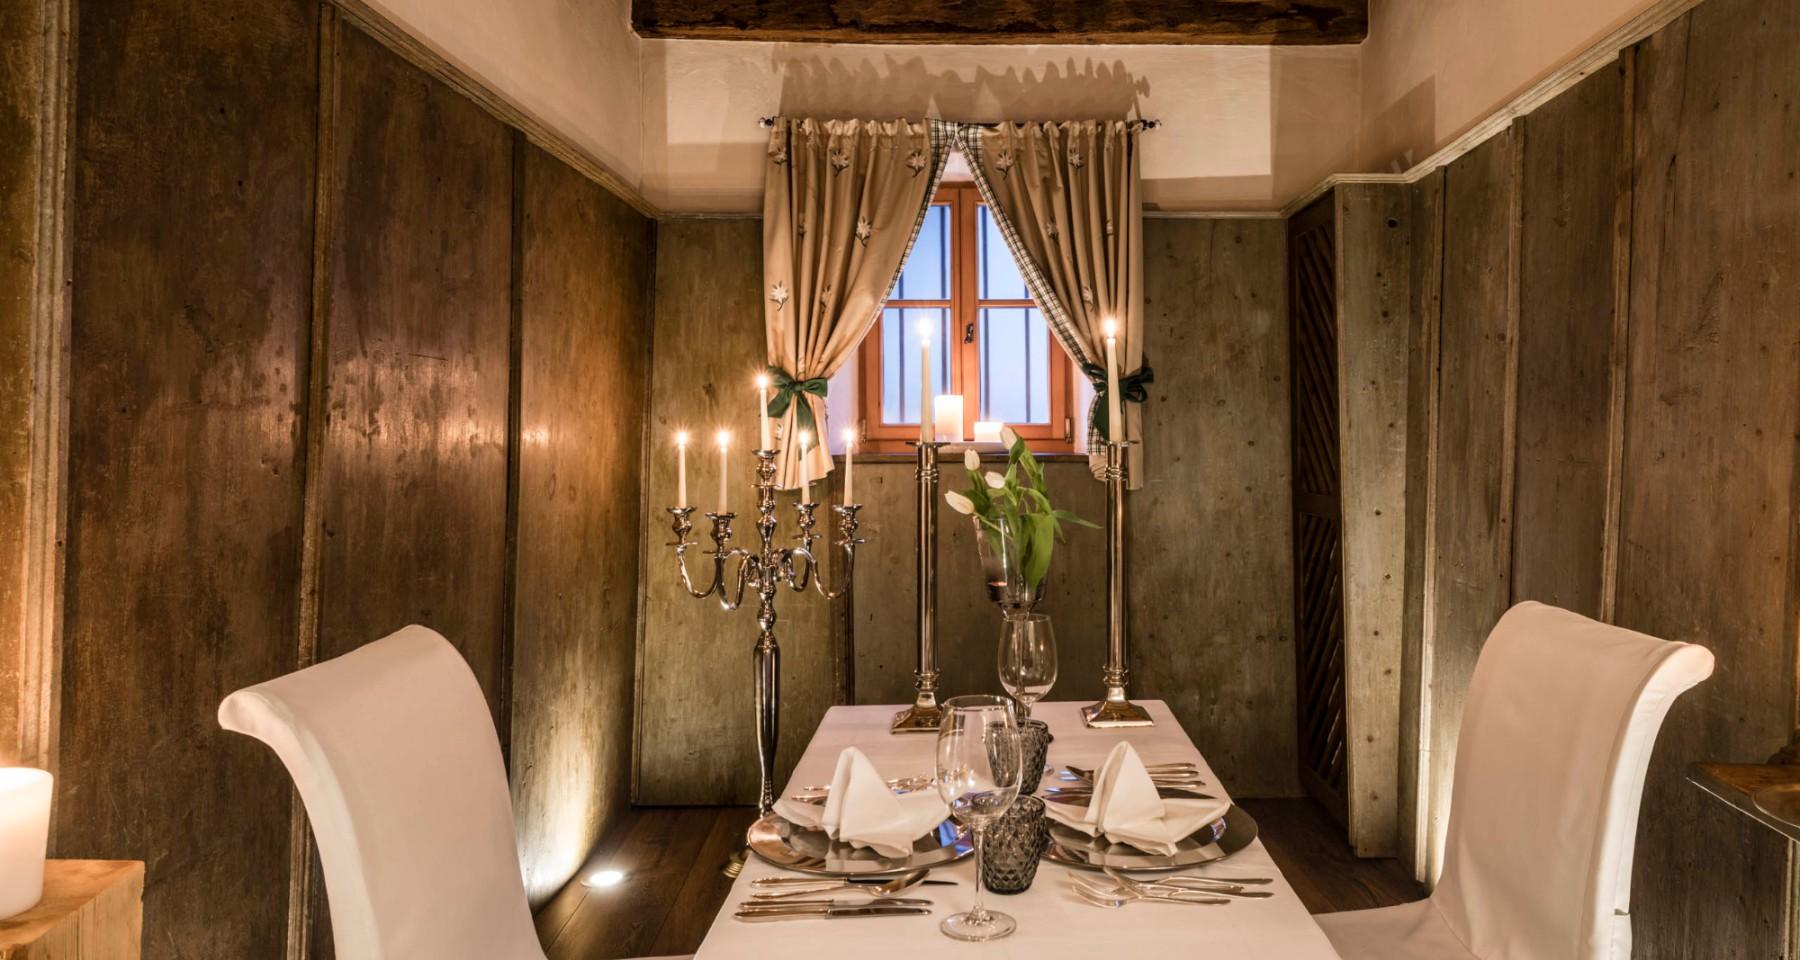 Bagno Romantico In Due hotel romantico in val venosta in alto adige - il mio matillhof